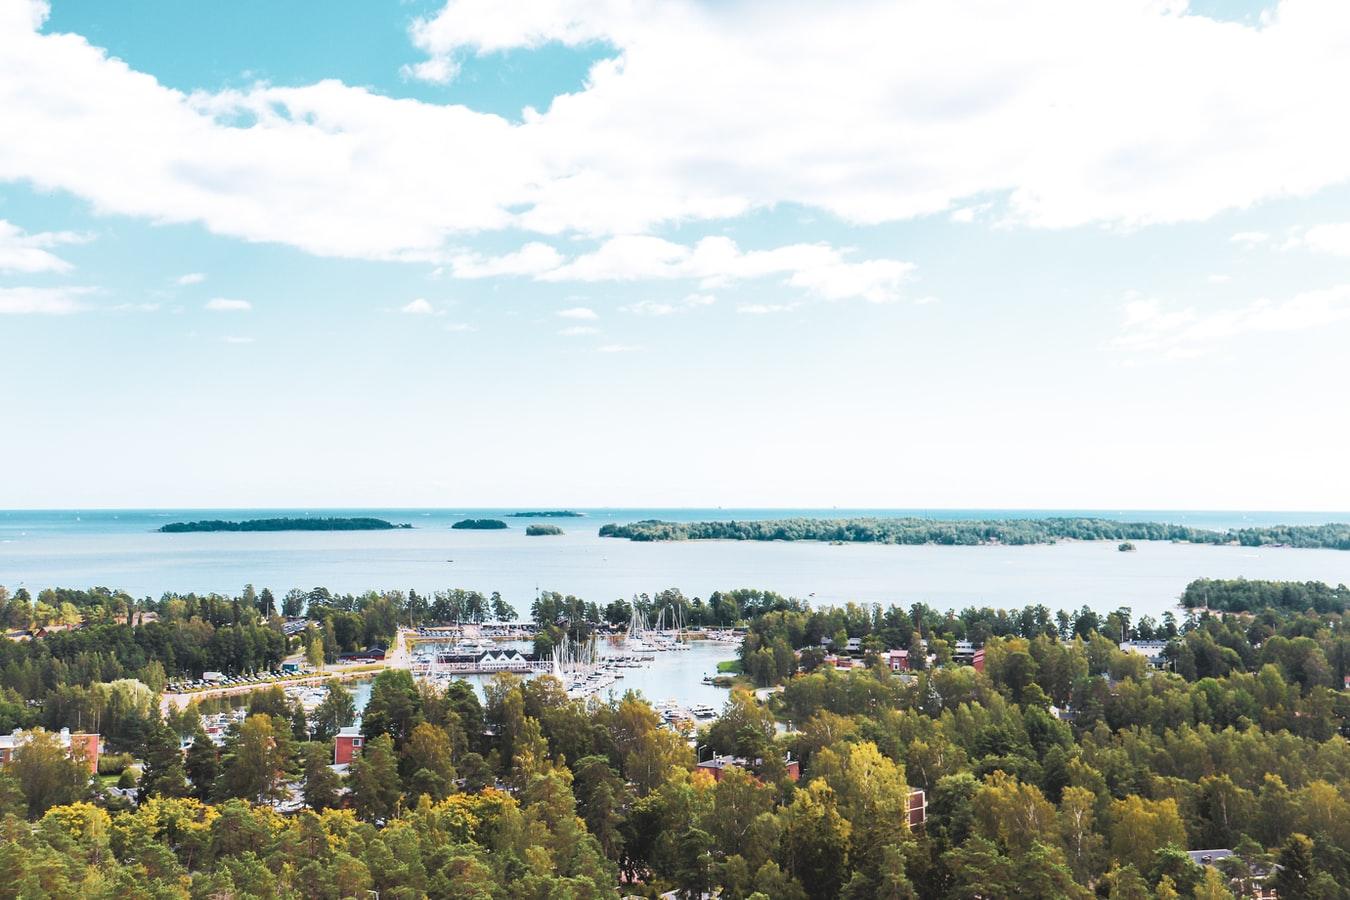 Blick vom Haukilahti Wasserturm auf die Küste vor Espoo in Finnland